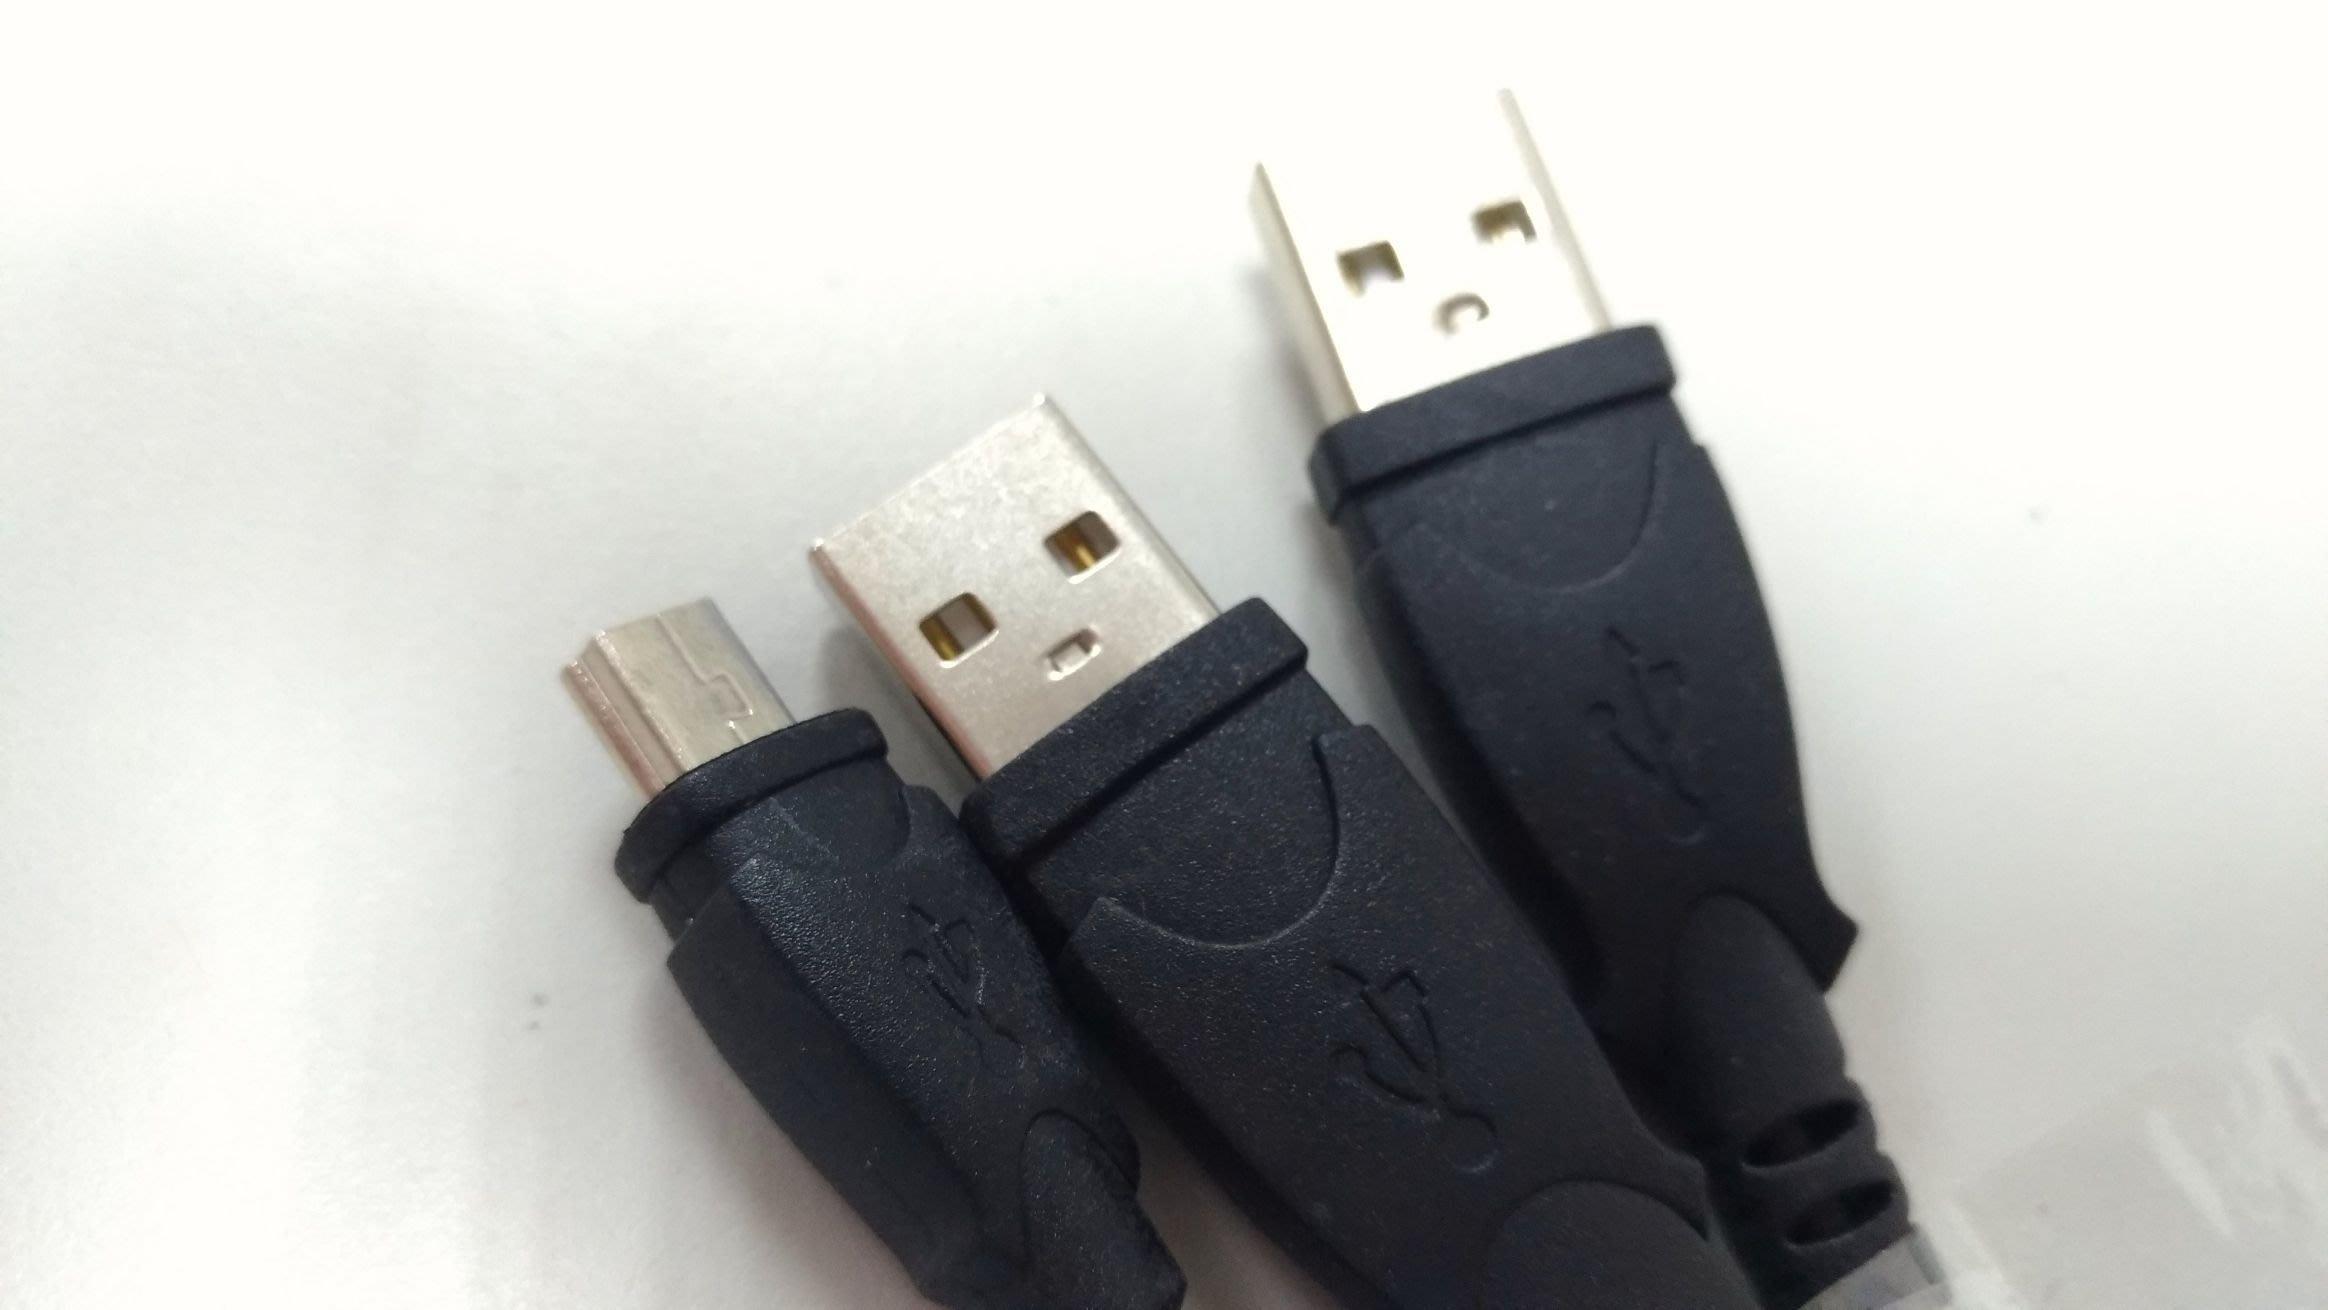 全新 2.5吋外接行動硬碟Y型線 電源線 充電傳輸線 數據線 USB 2.0 mini USB 公對公(郵資半價中)